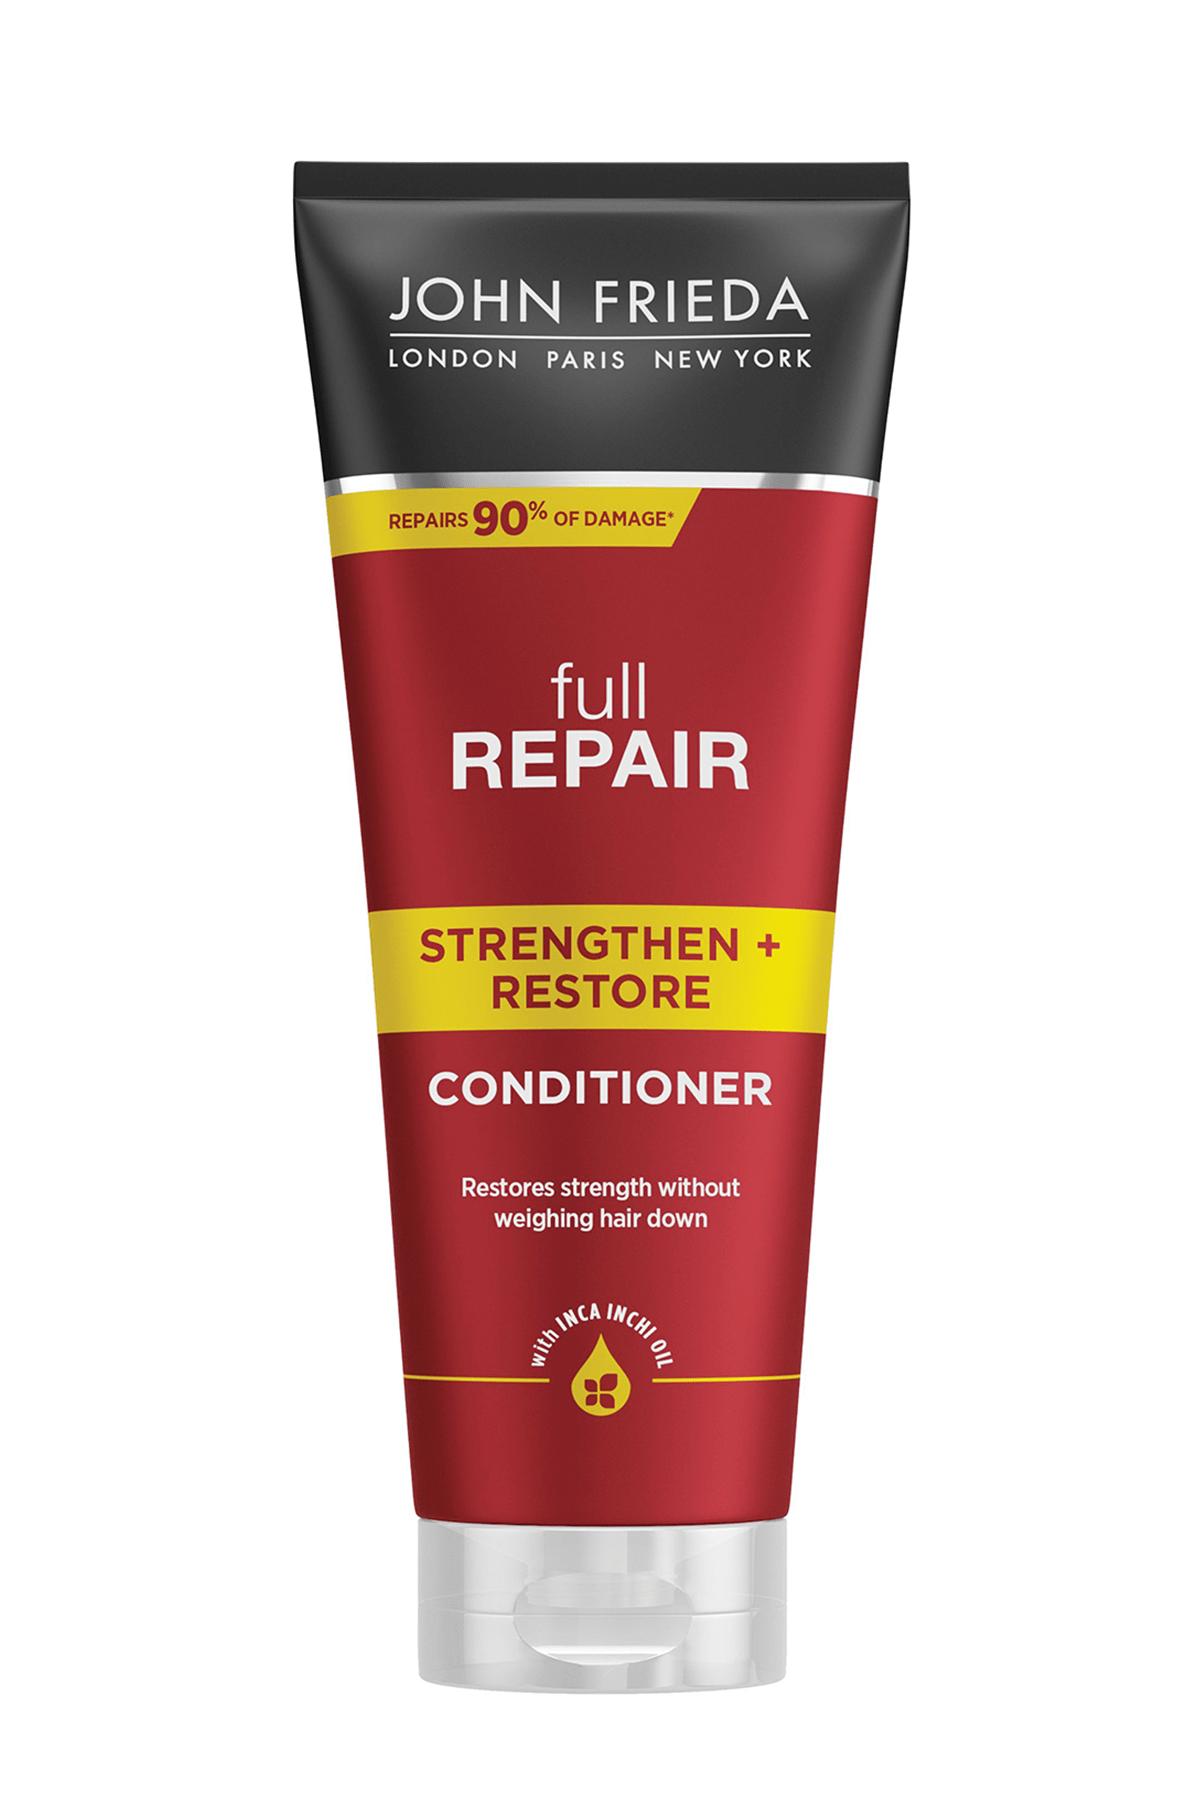 John Frieda Hassas Ve Hasar Görmüş Saçlar İçin Onarıcı Saç Bakım Kremi 250 ml 0